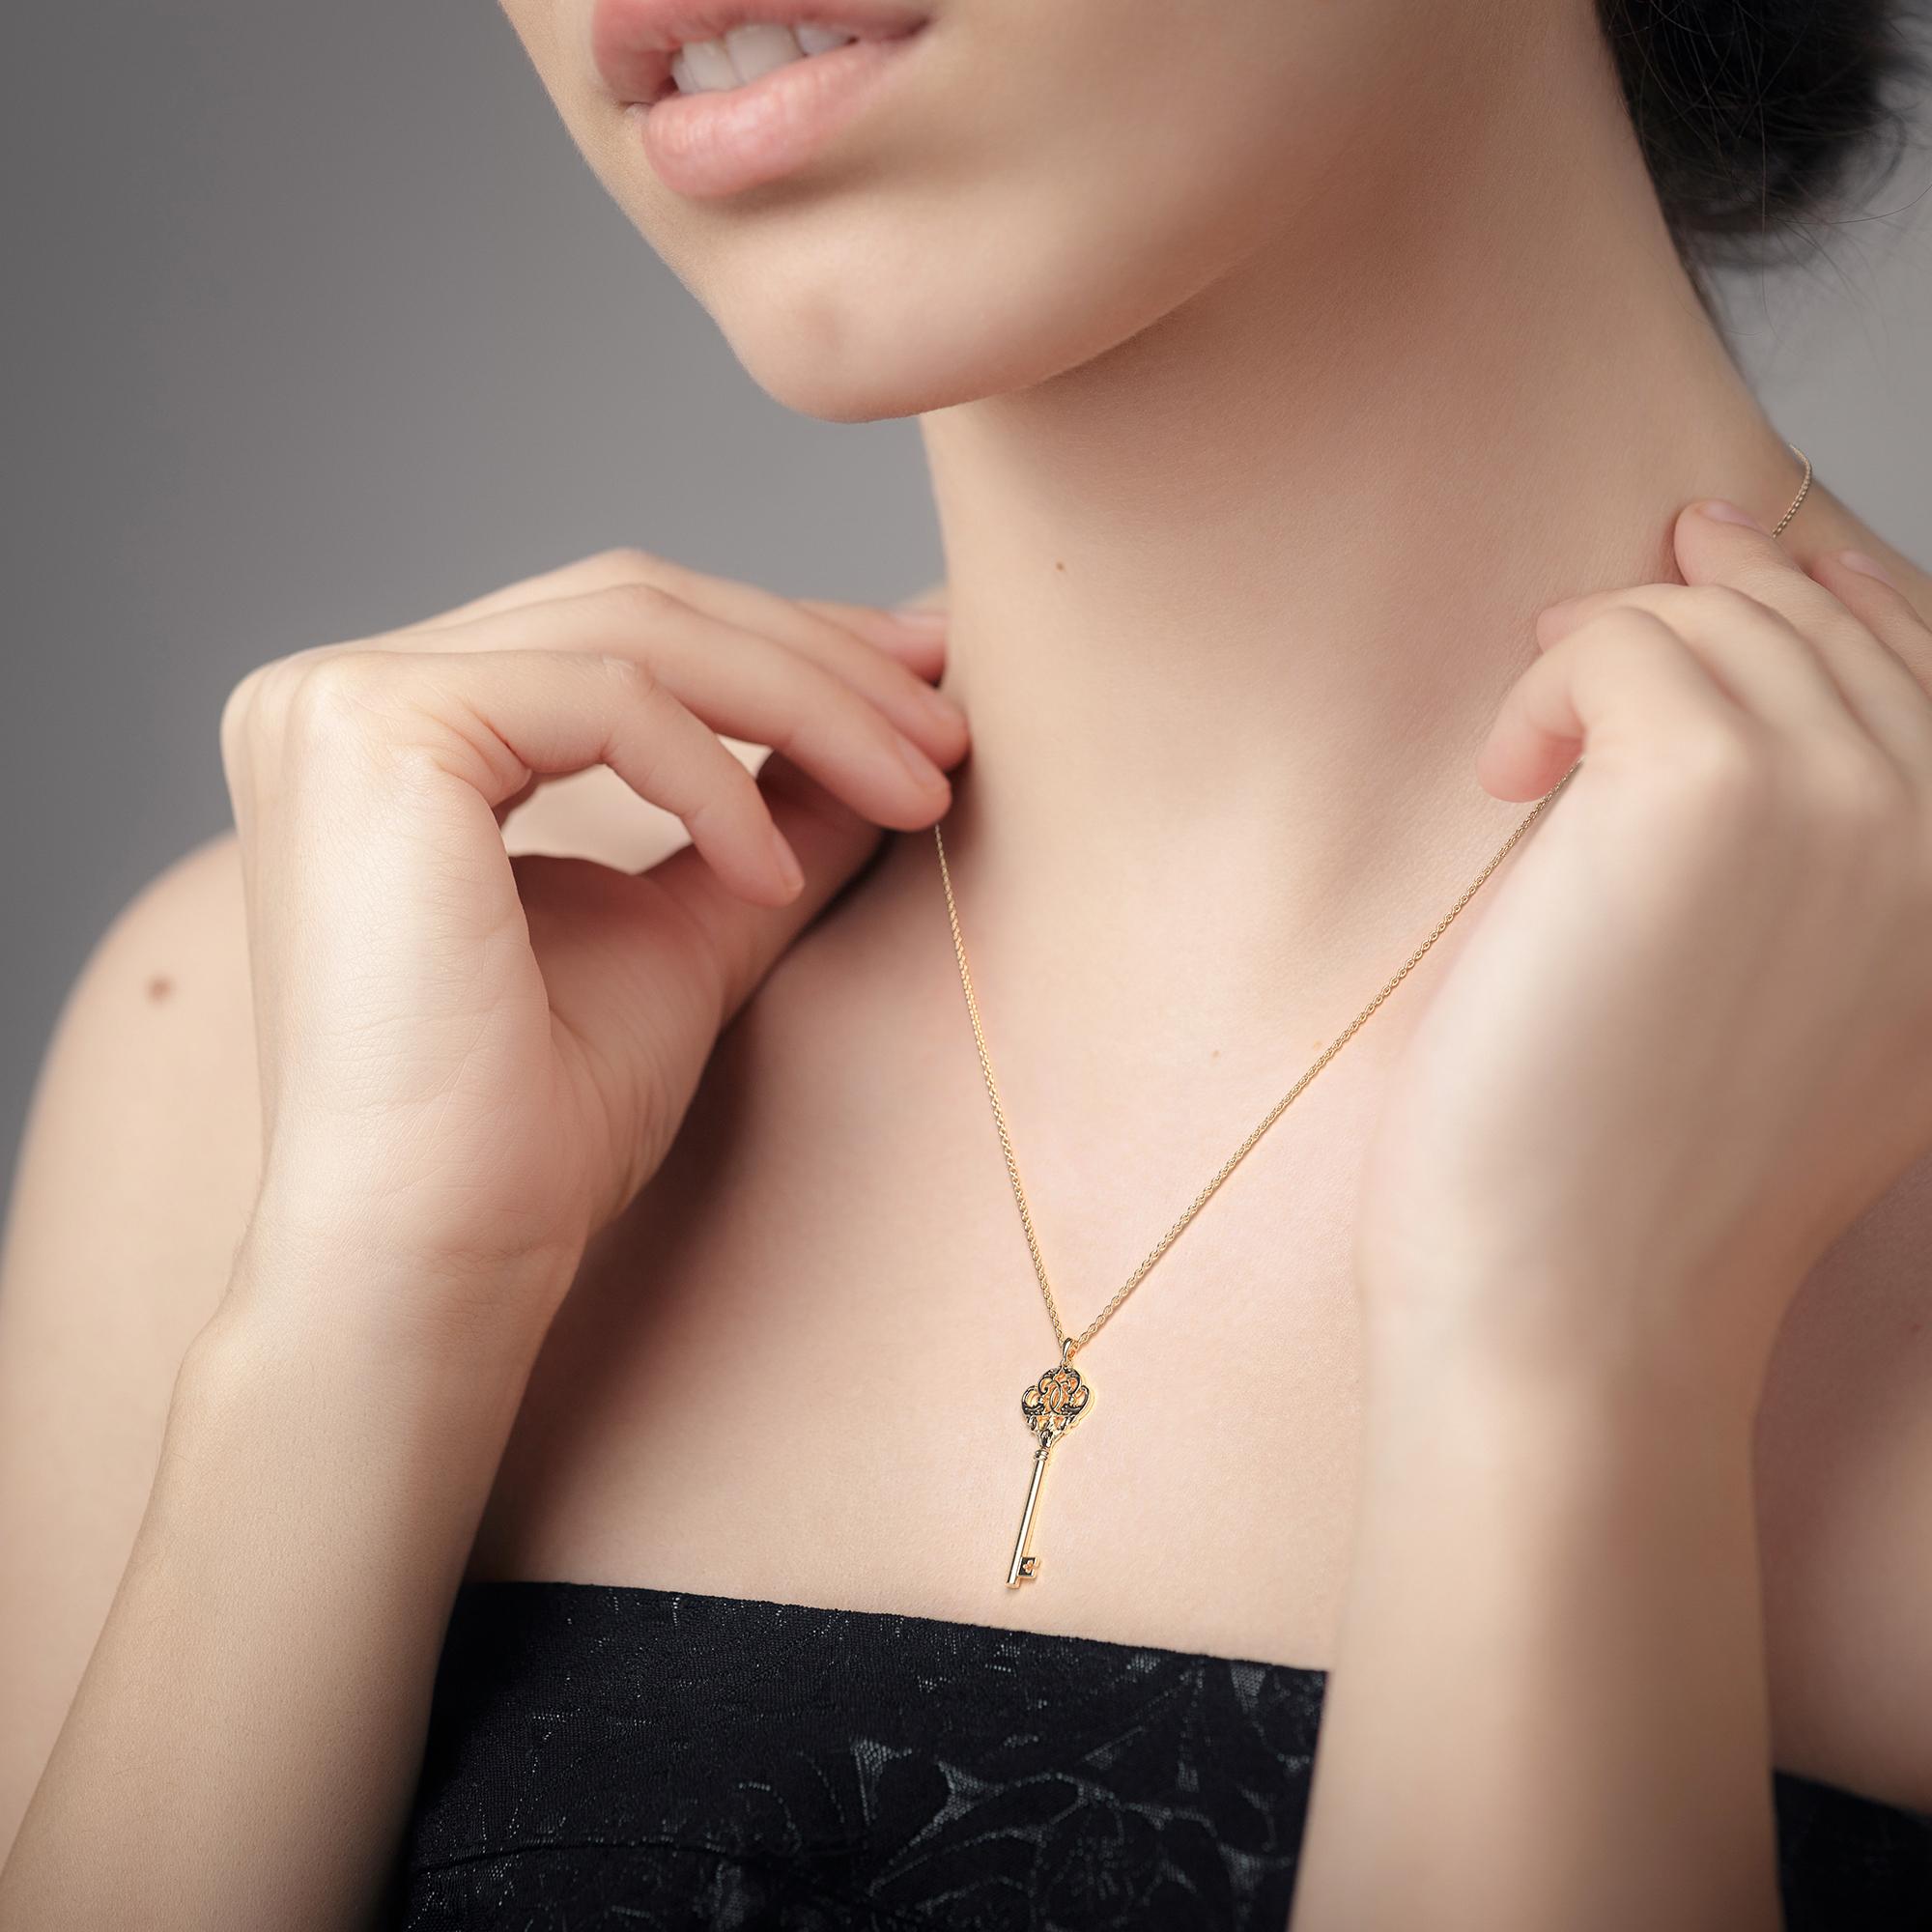 14K Gold Key Necklace Unique Pendant Art Nouveau Jewelry Unique Gift For Her